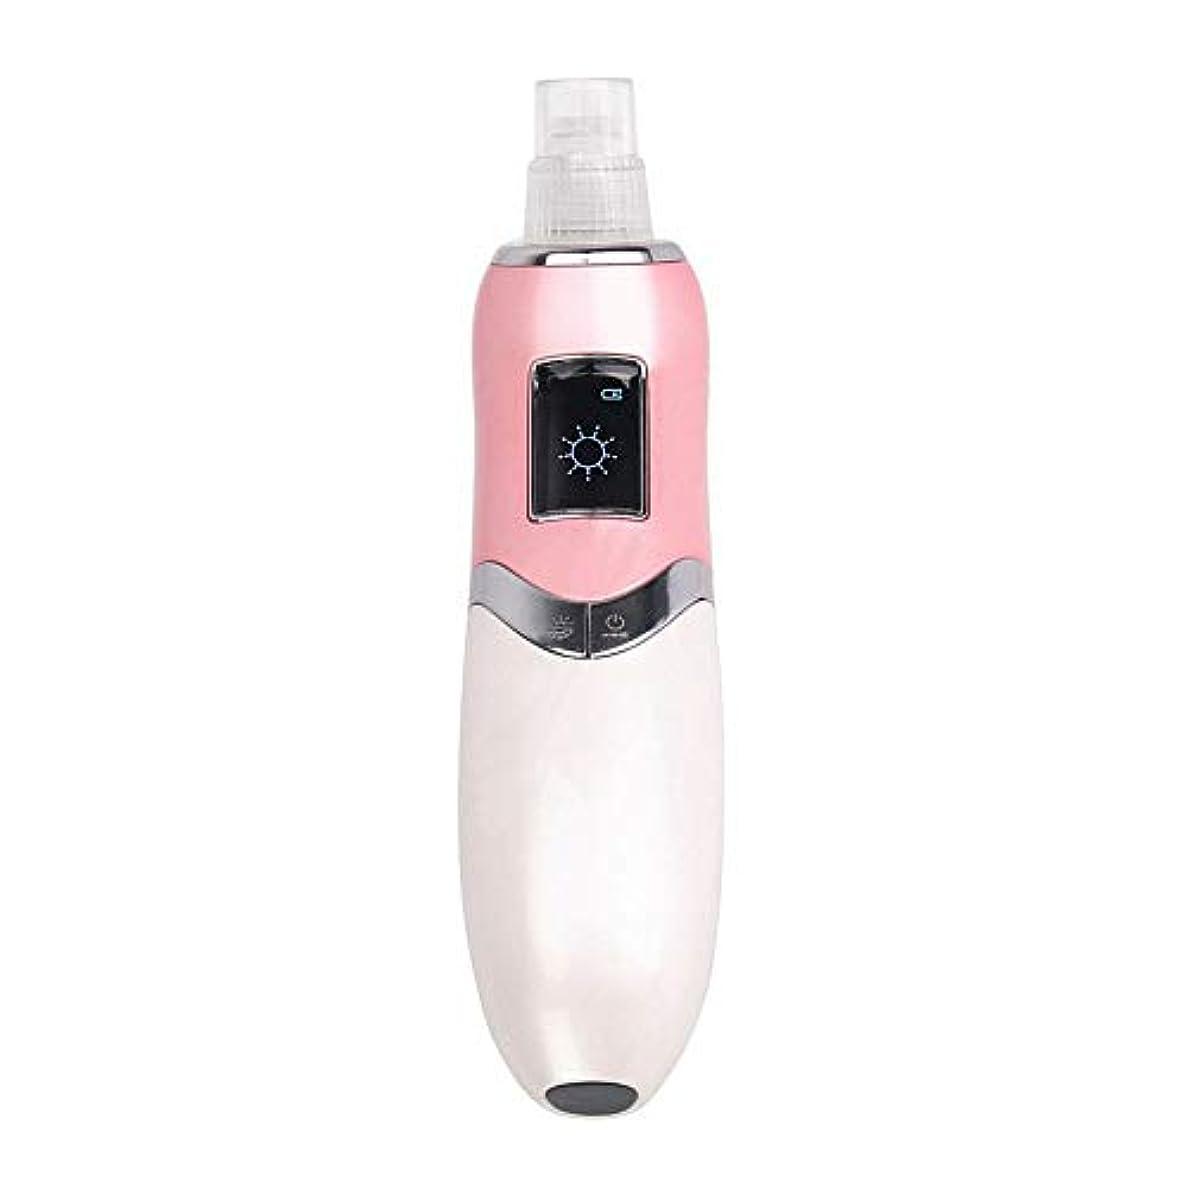 置換の面では服フェイシャルポアクリーナー にきび真空吸引usb充電式調節可能な強度美容エクスフォリエーターマシン毛穴クレンザー用にきび顔の毛穴きれい (色 : ピンク, サイズ : 21.5x15.5x7cm)